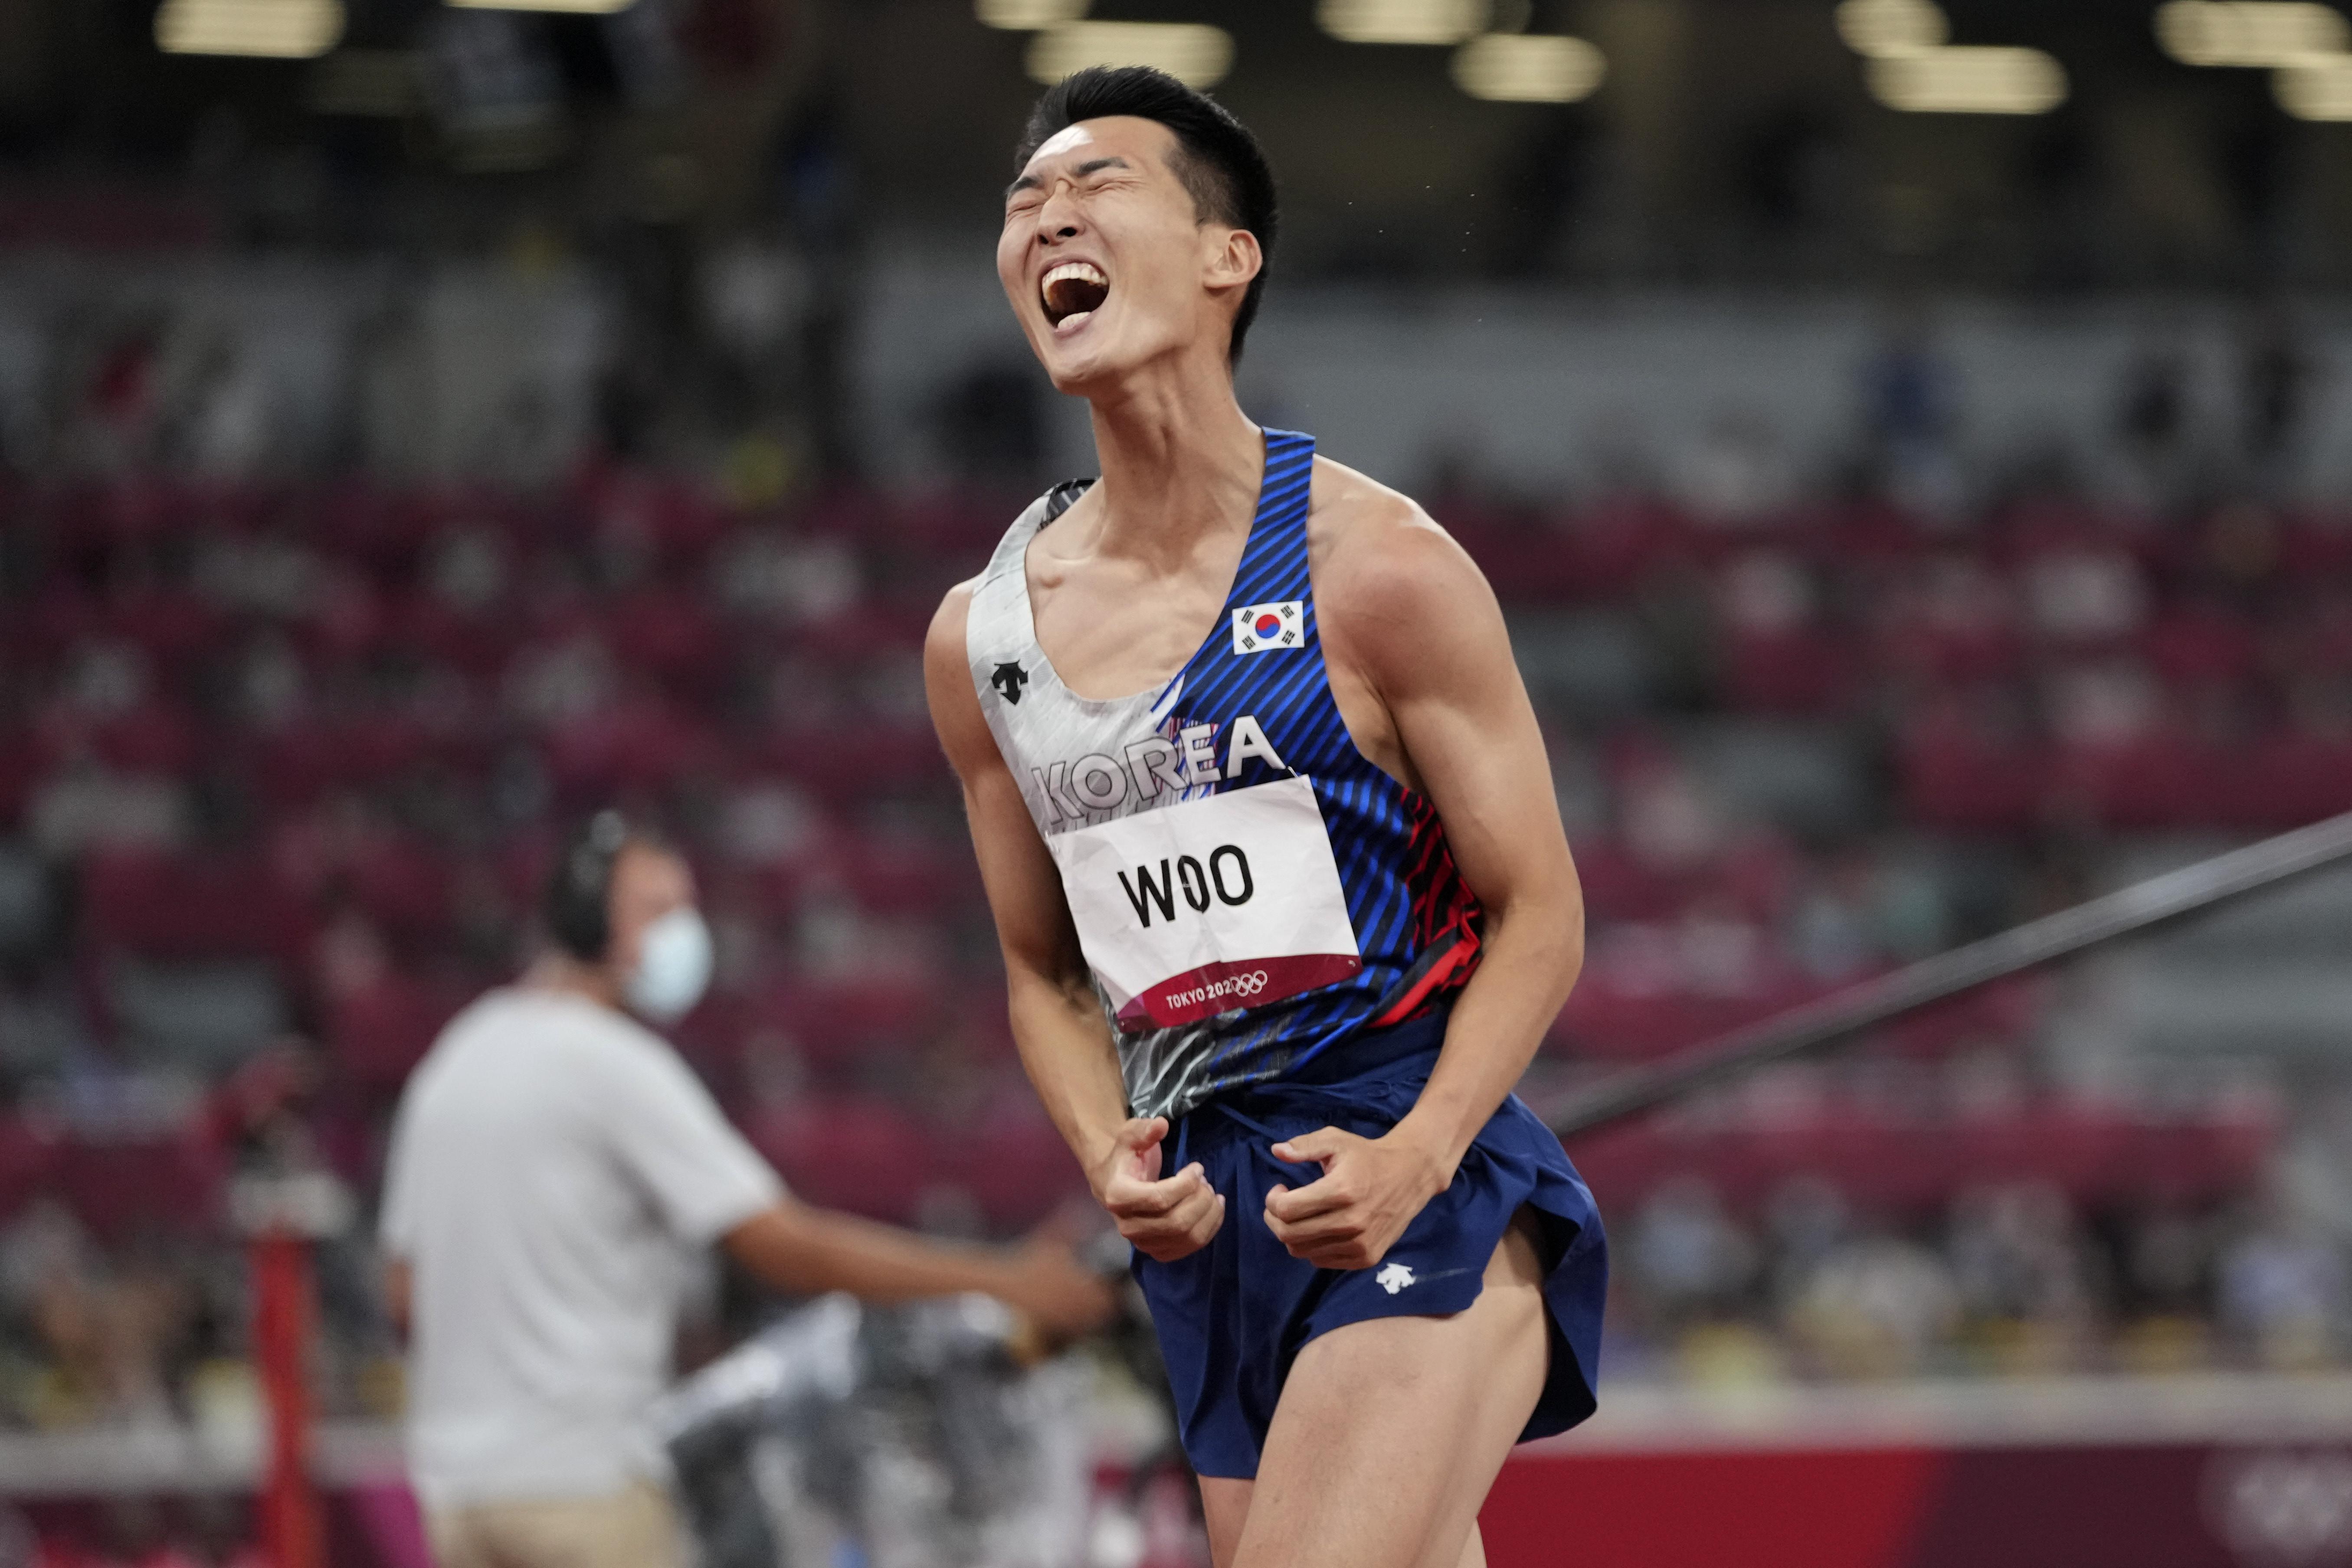 ▲▼禹相赫東京奧運跳高奪下第4名,以2.35公尺刷新南韓紀錄。(圖/達志影像/美聯社)